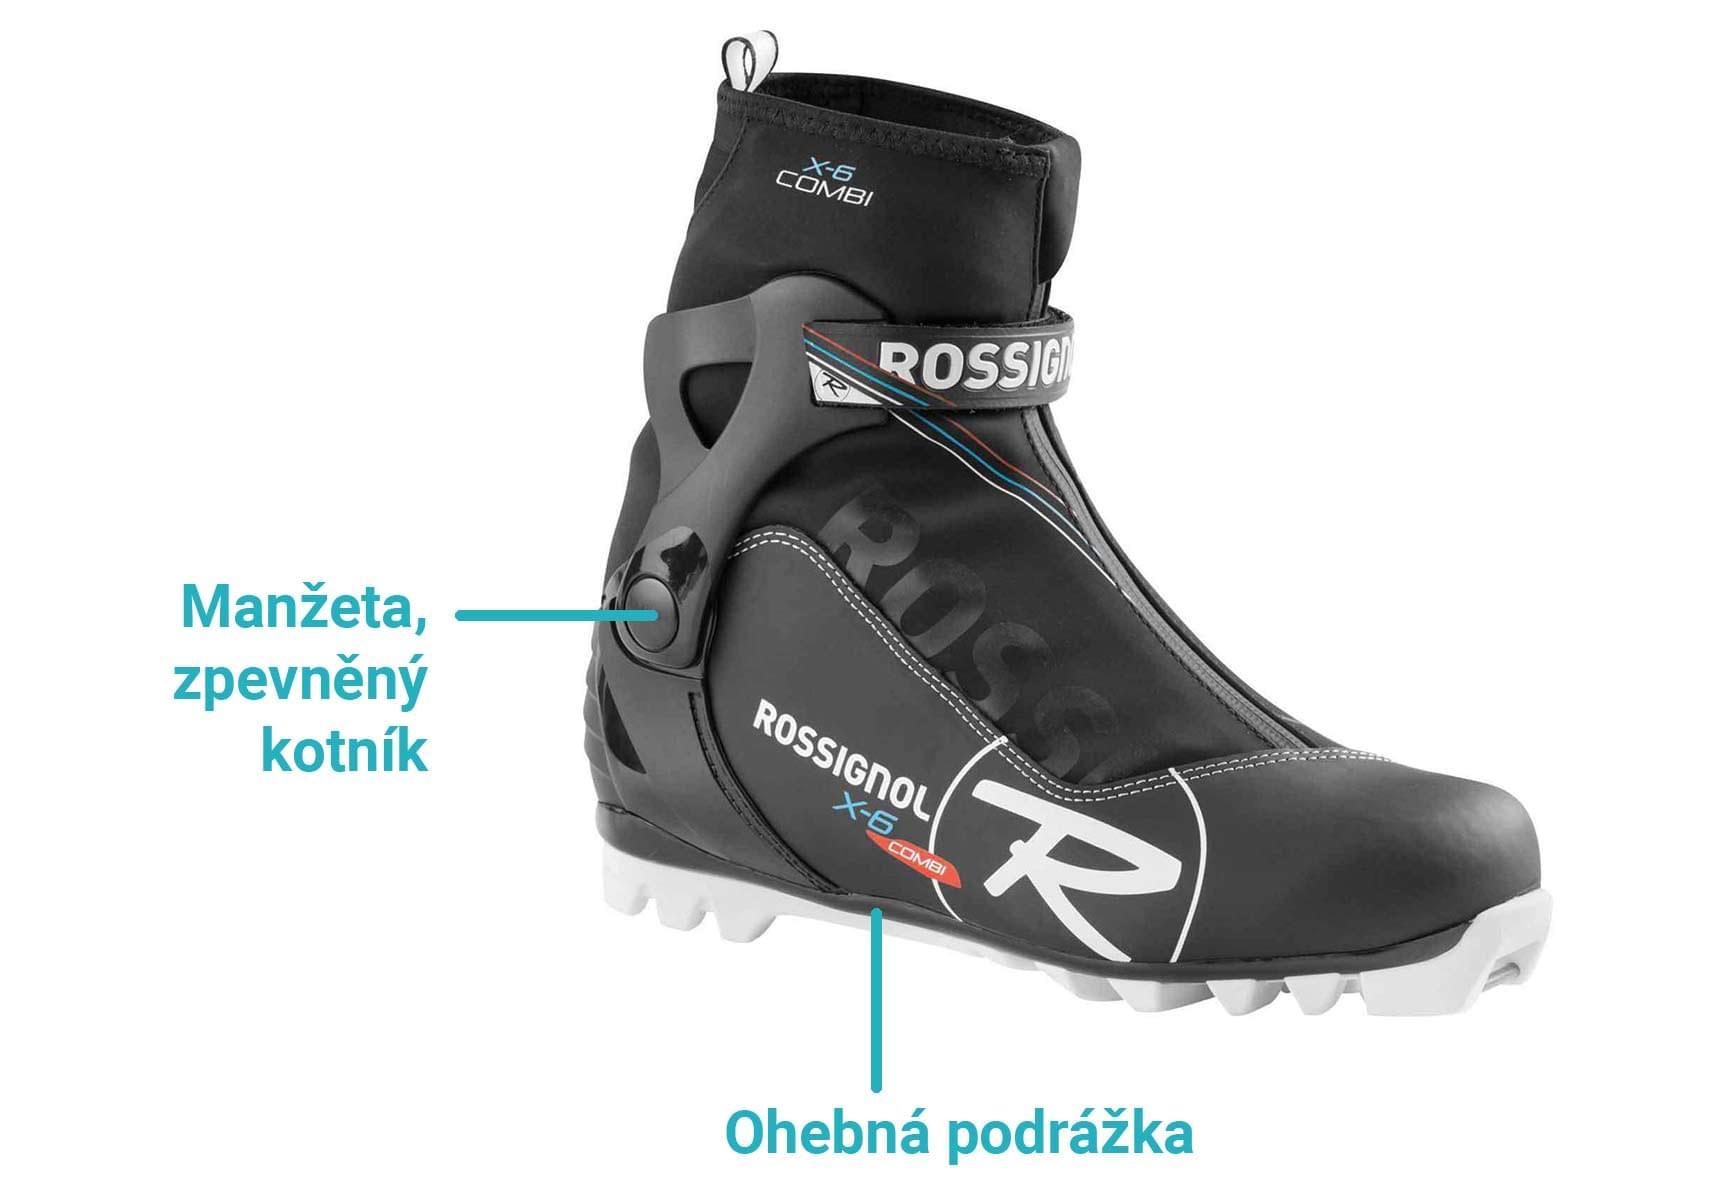 Hlavním rozdílem oproti botám na bruslení pak je ohebná špička 82dd14e1a3